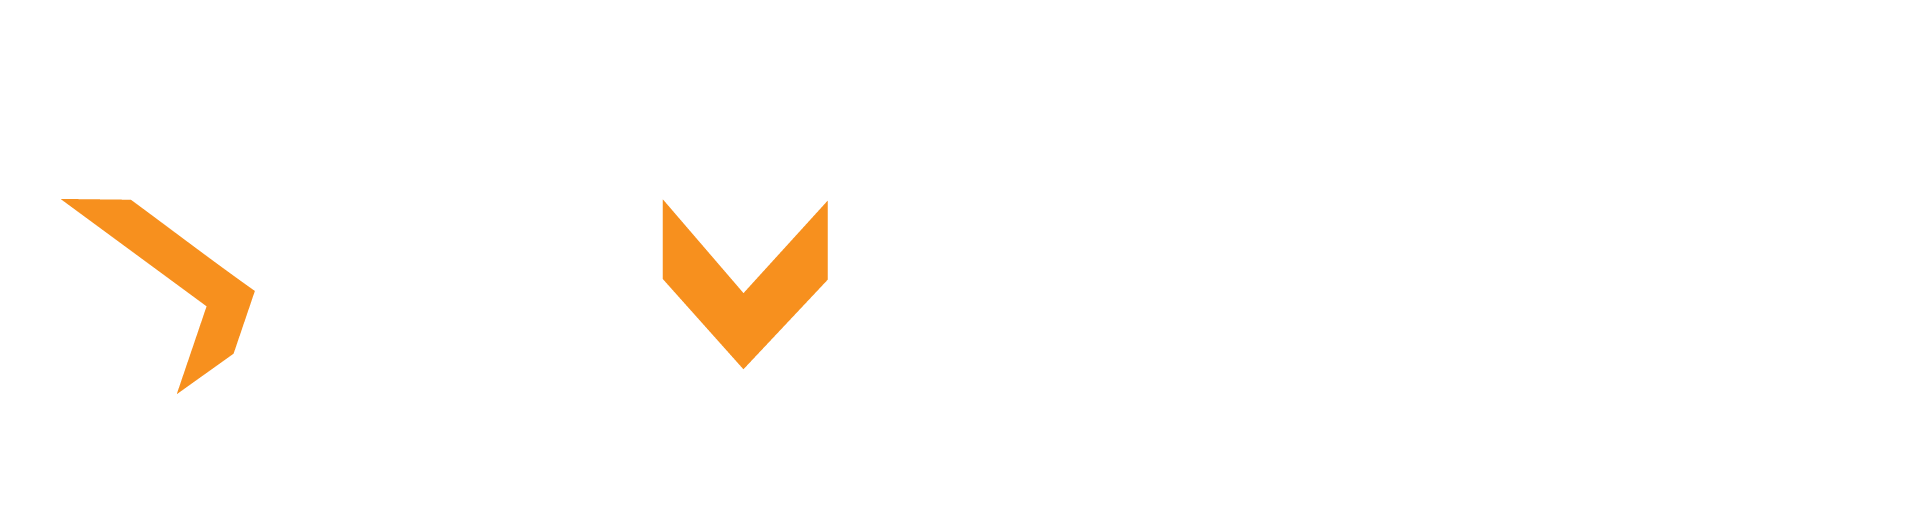 Miller builders